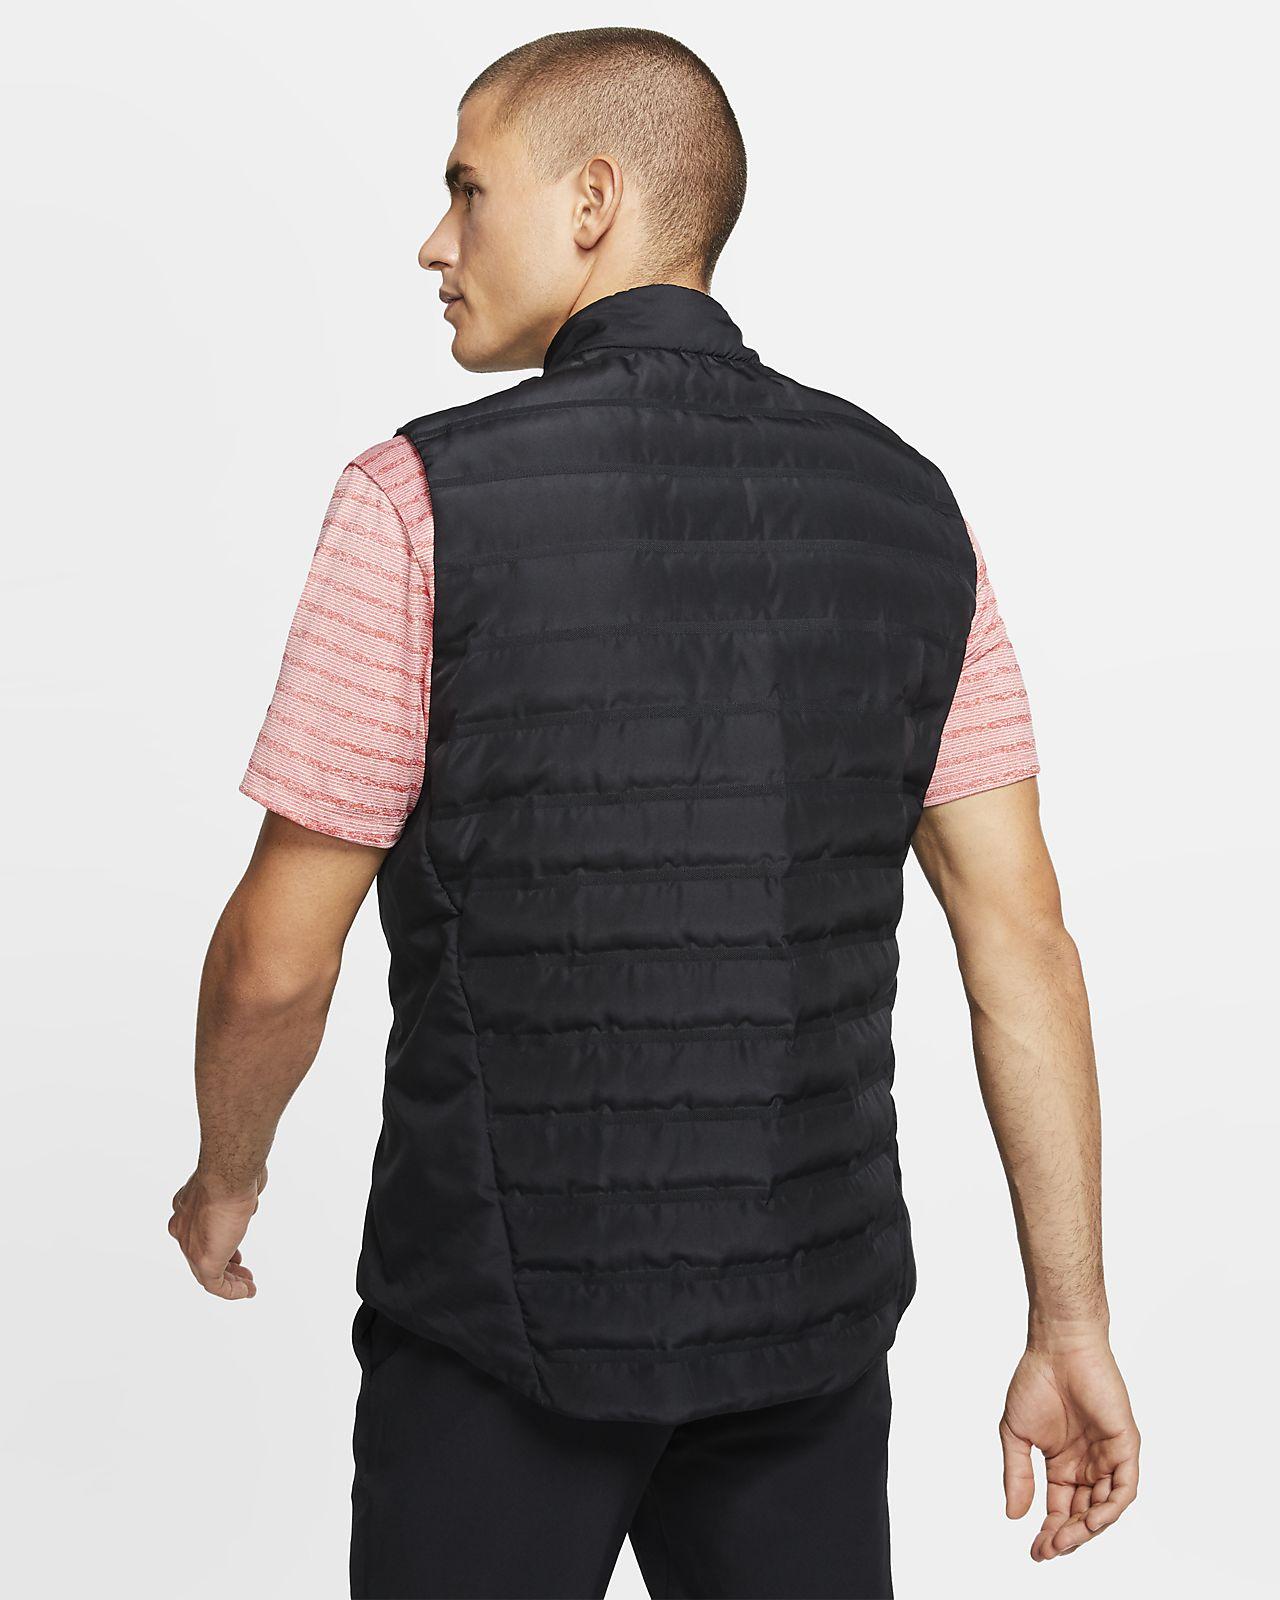 pick up online shop reasonable price Veste de golf sans manches Nike AeroLoft pour Homme